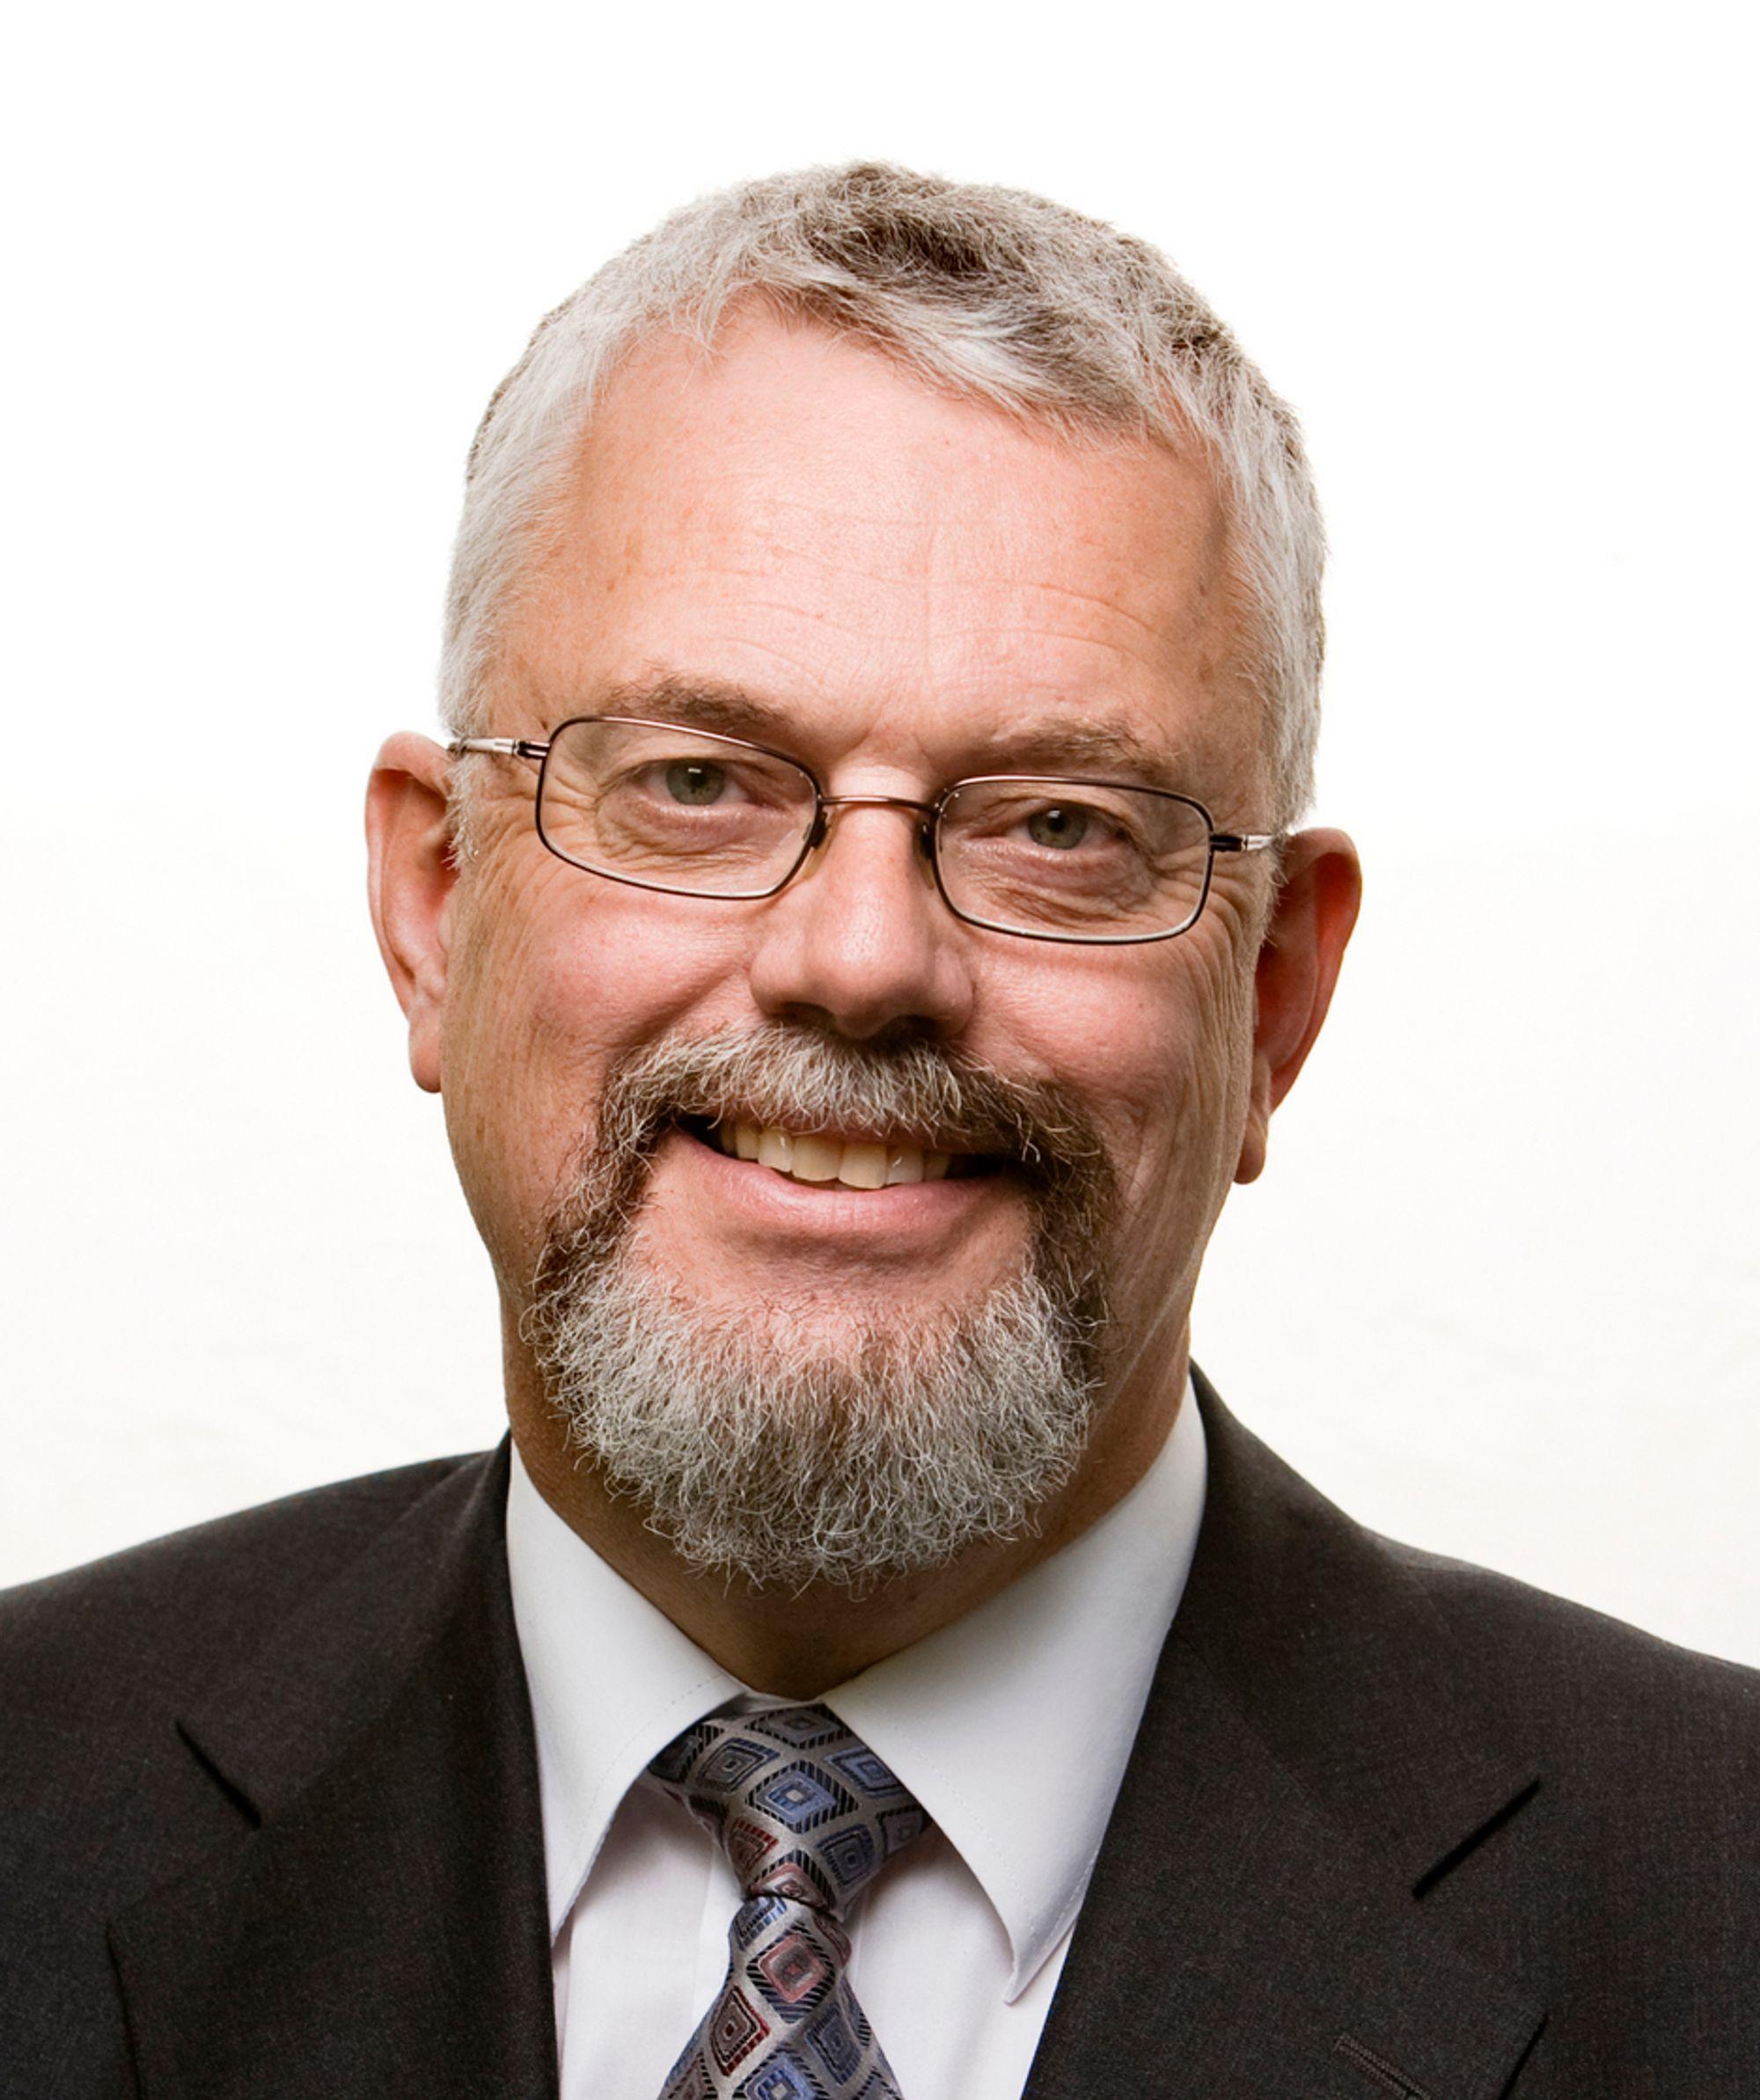 Folk med teknisk utdanning må til, mener Tor Helge Lyngstøl (57), direktør for Direktoratet for nødkommunikasjon.